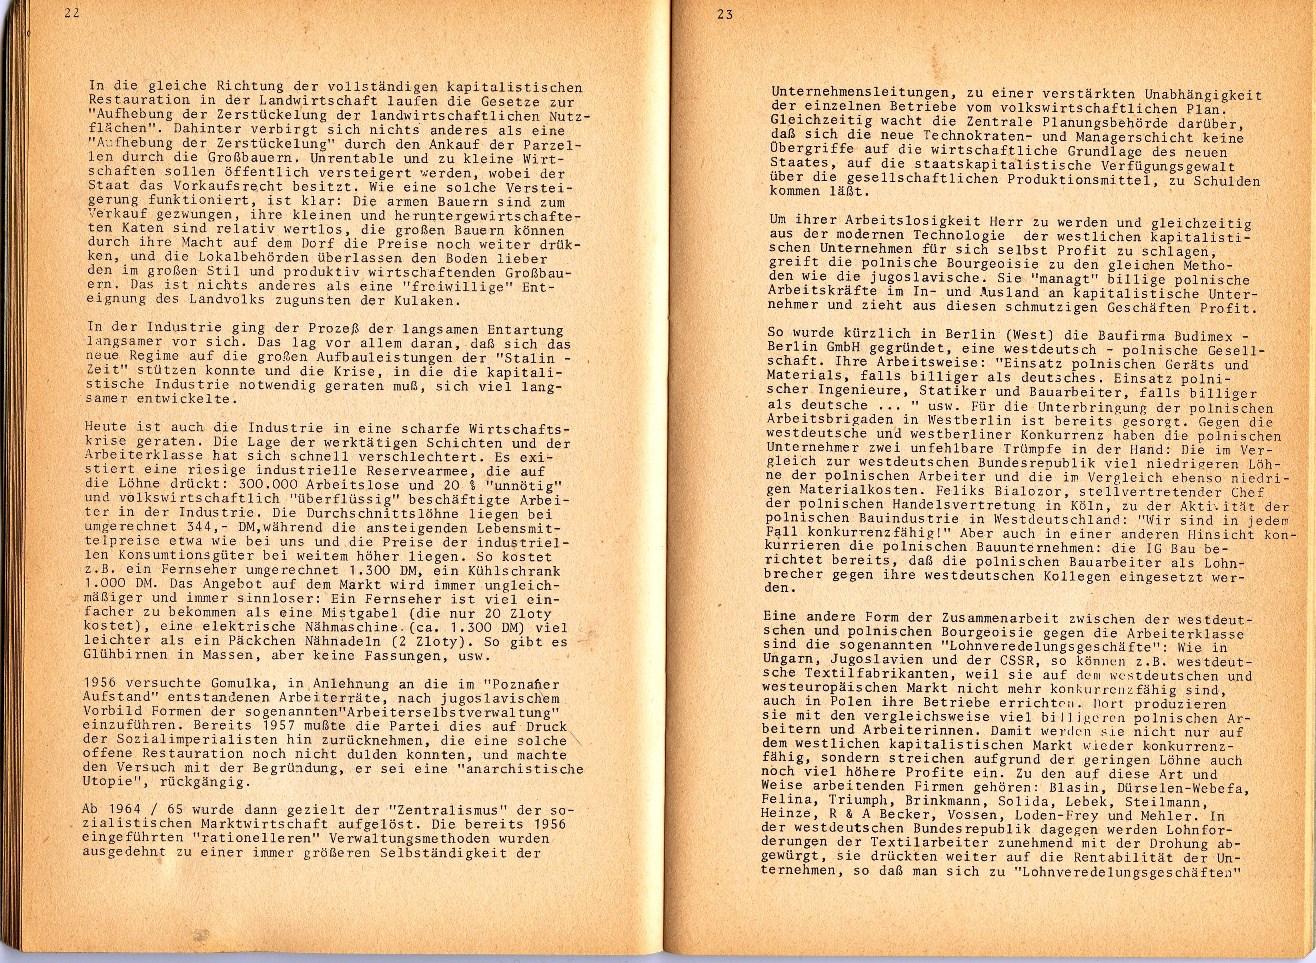 ZB_Polen_Aufstand_1971_15